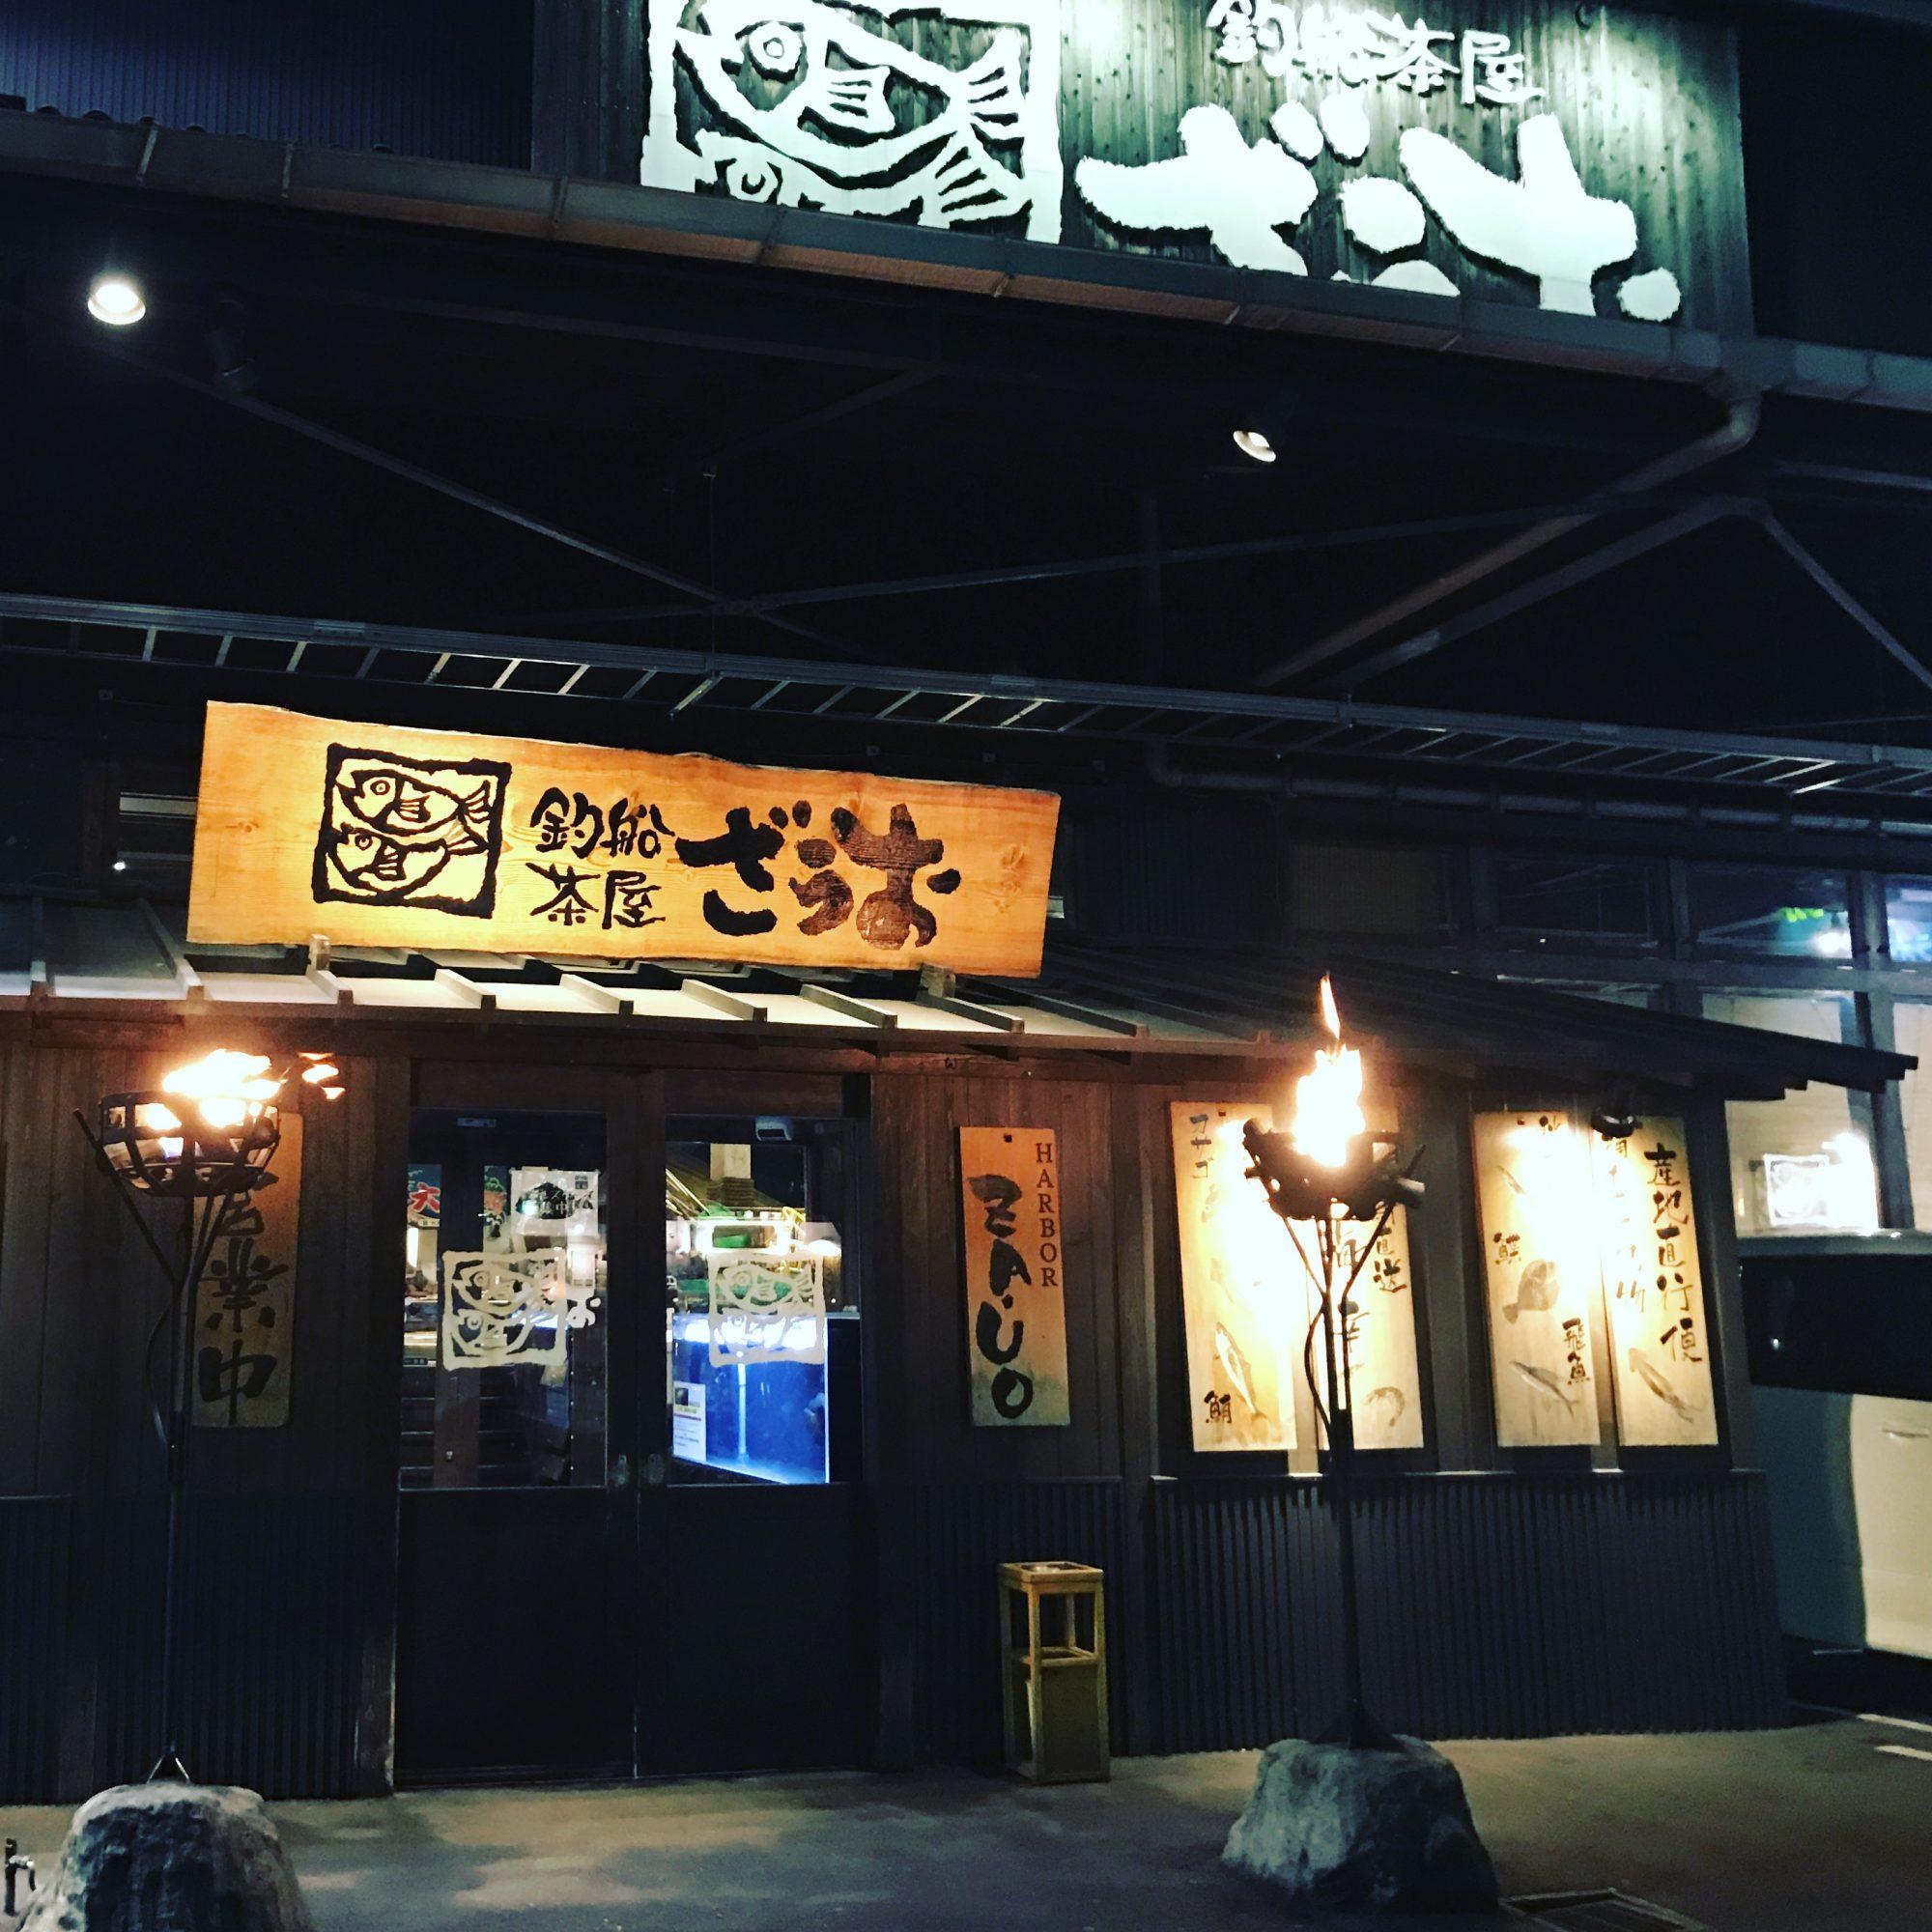 星崎【釣船茶屋ざうお】居酒屋で釣りができちゃう!【名古屋】